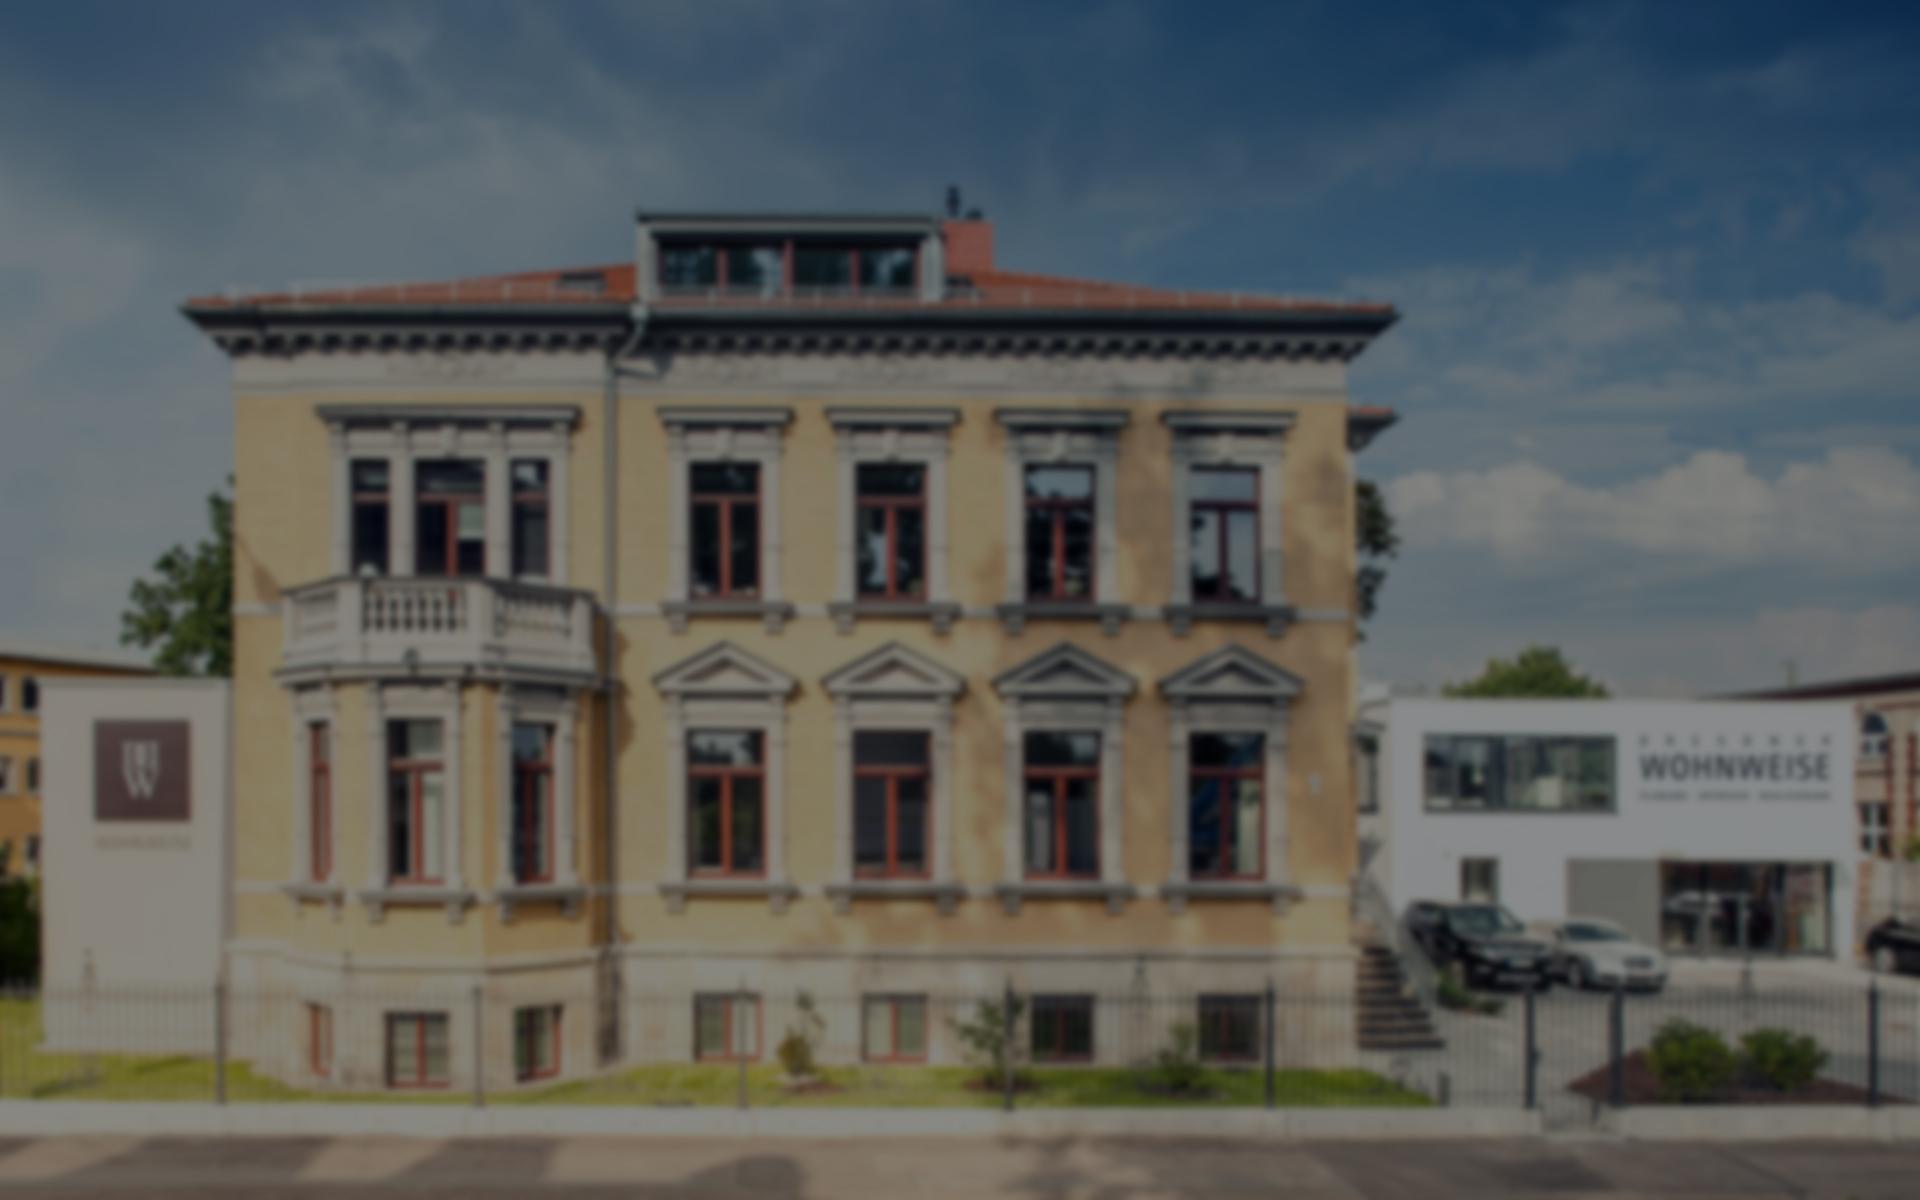 DRESDNER WOHNWEISE - HAUS FÜR GANZHEITLICHE RAUMGESTALTUNG